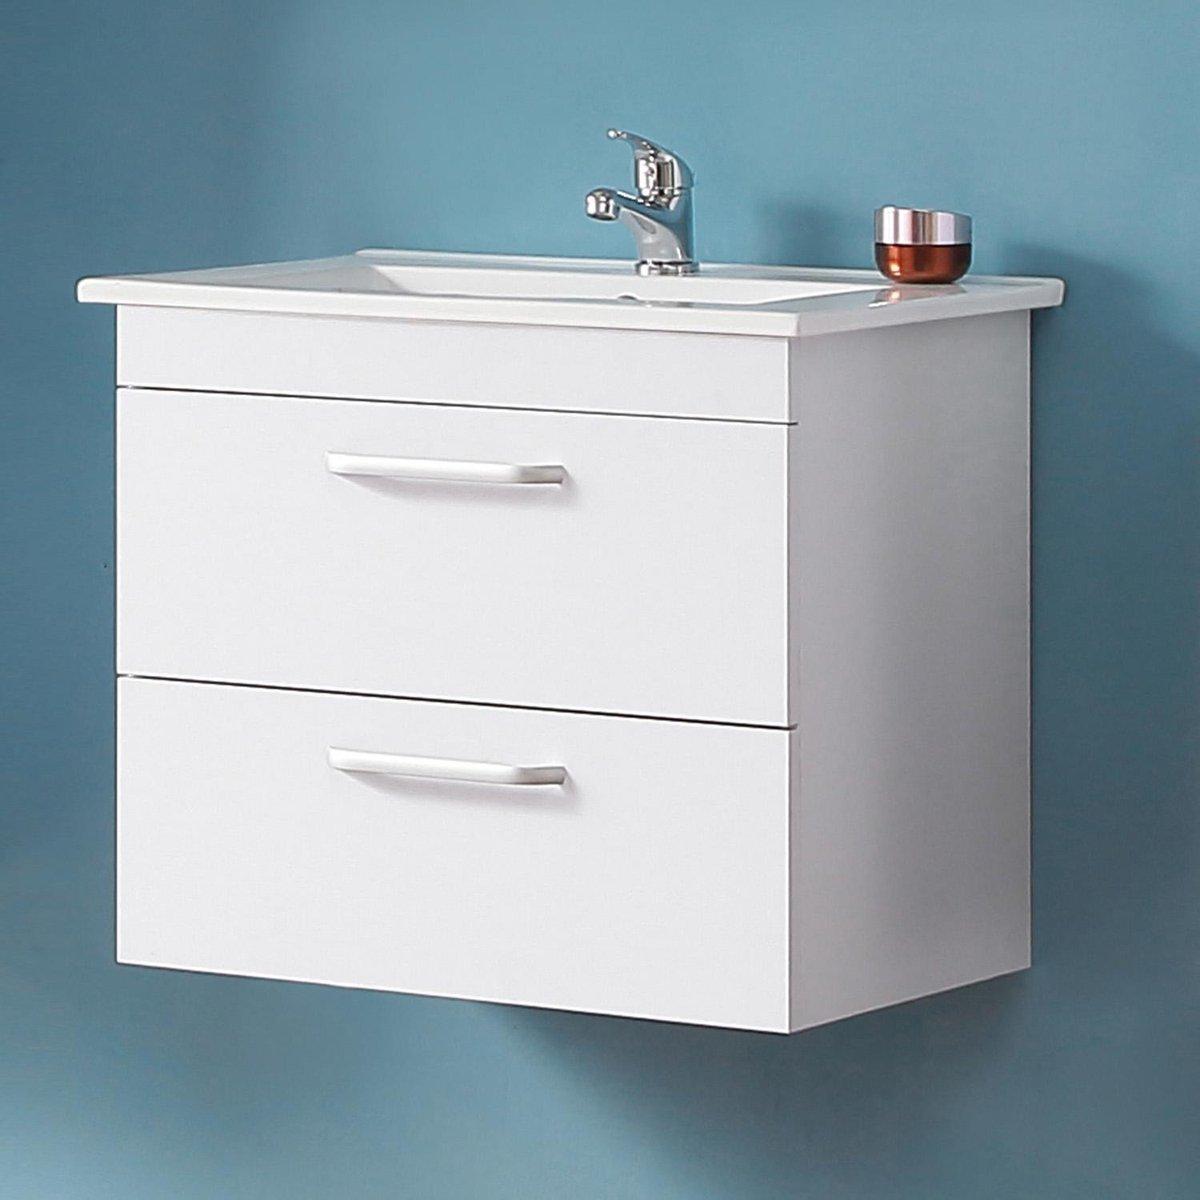 Badmeubel 60 cm Mat wit met onderbouwkast, keramiek Wastafel, Badmeubel met waskom, Badkamermeubel Set, Wandkast